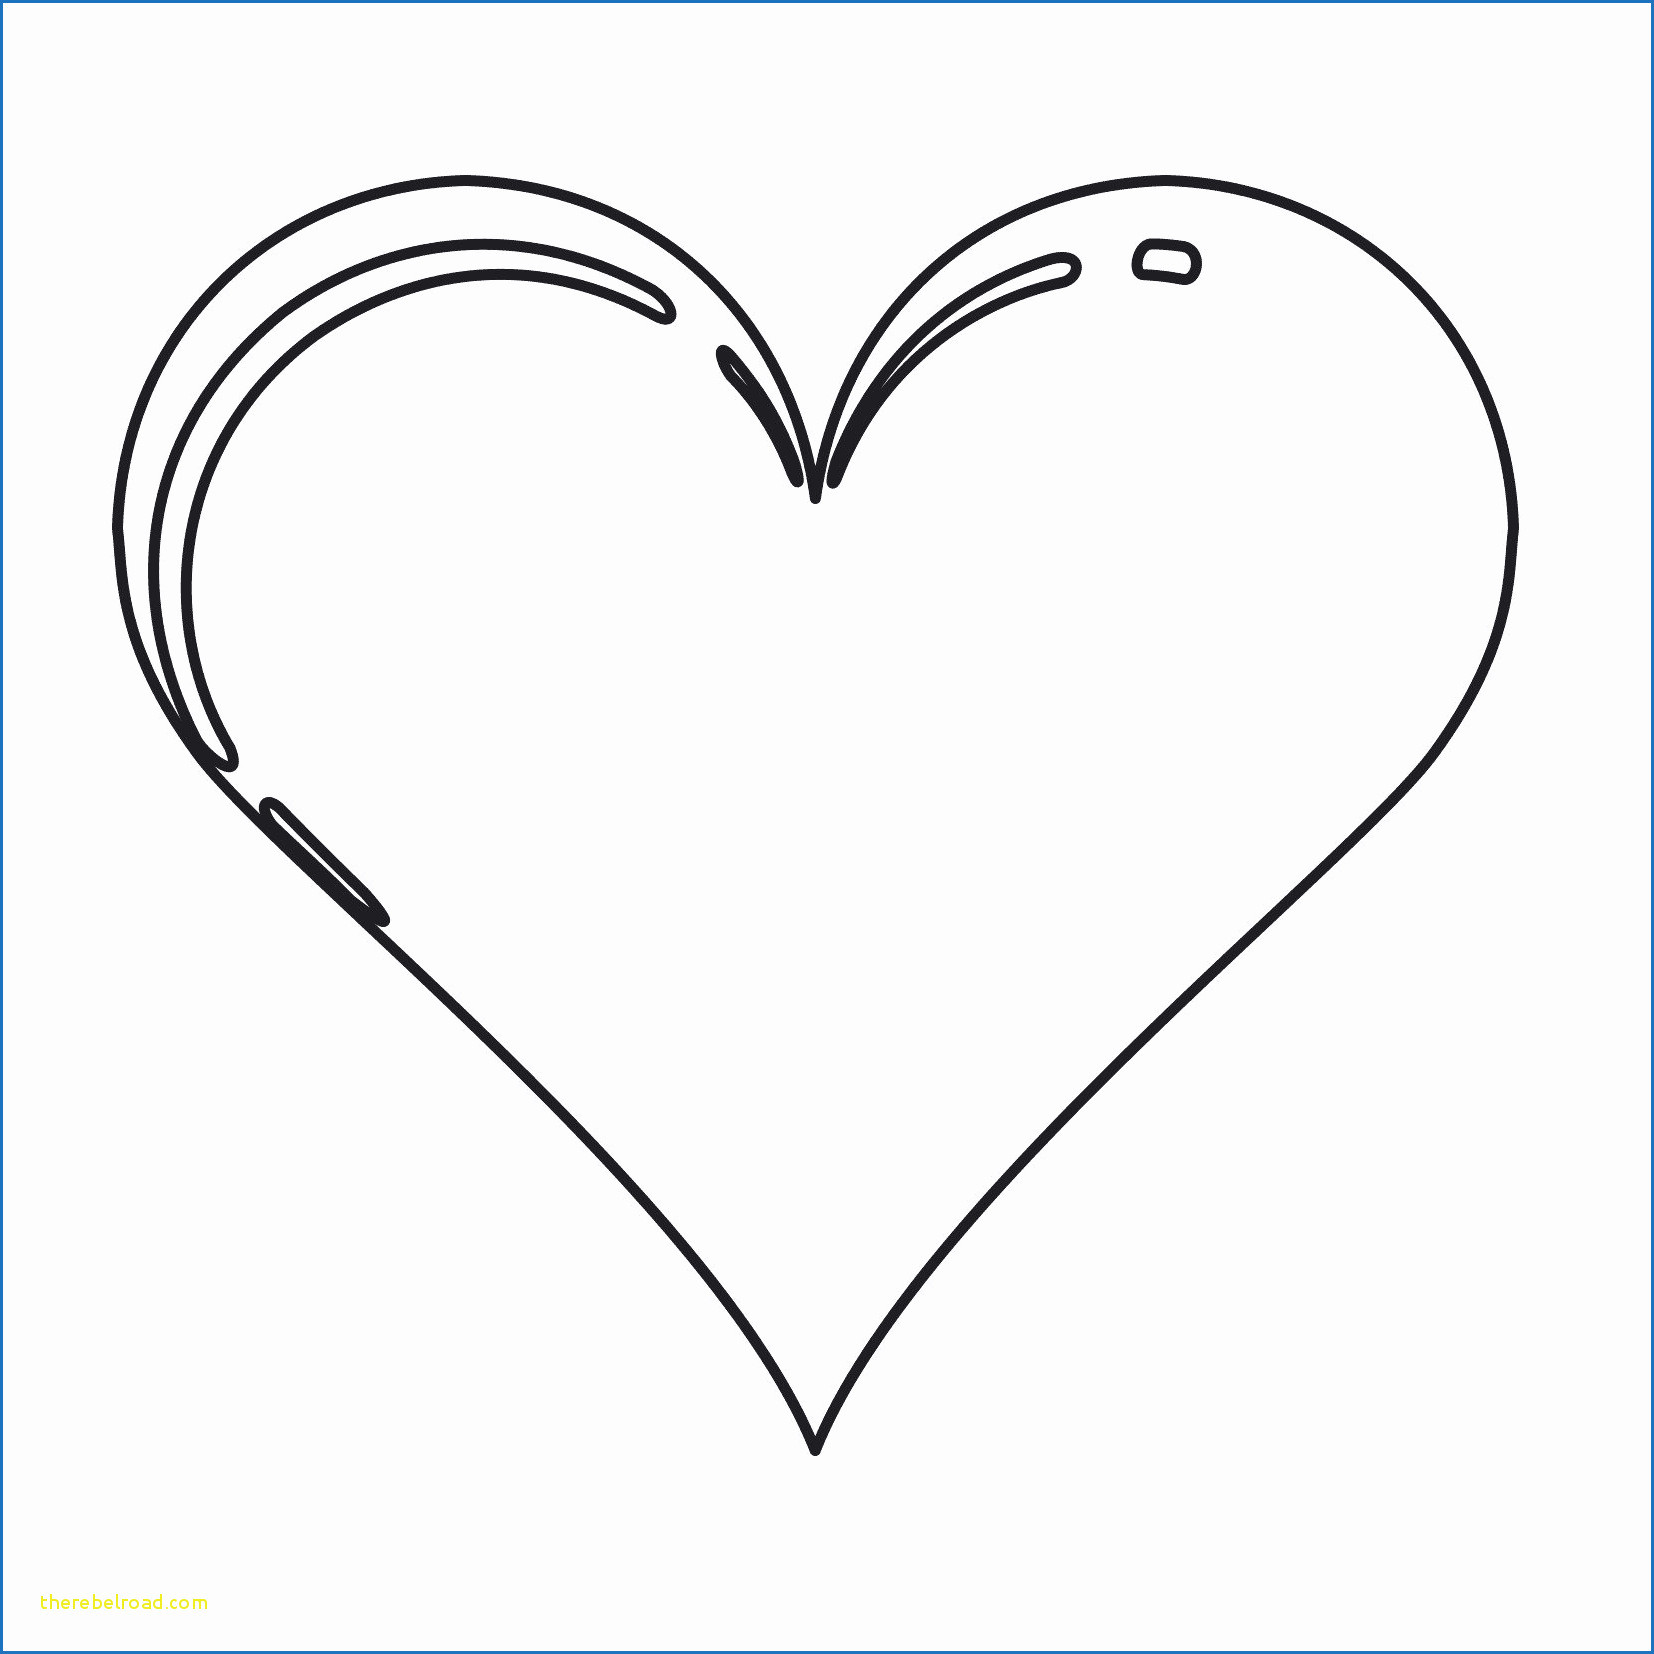 Ausmalbilder Rosen Mit Herz Neu Herz Malvorlage Das Bild